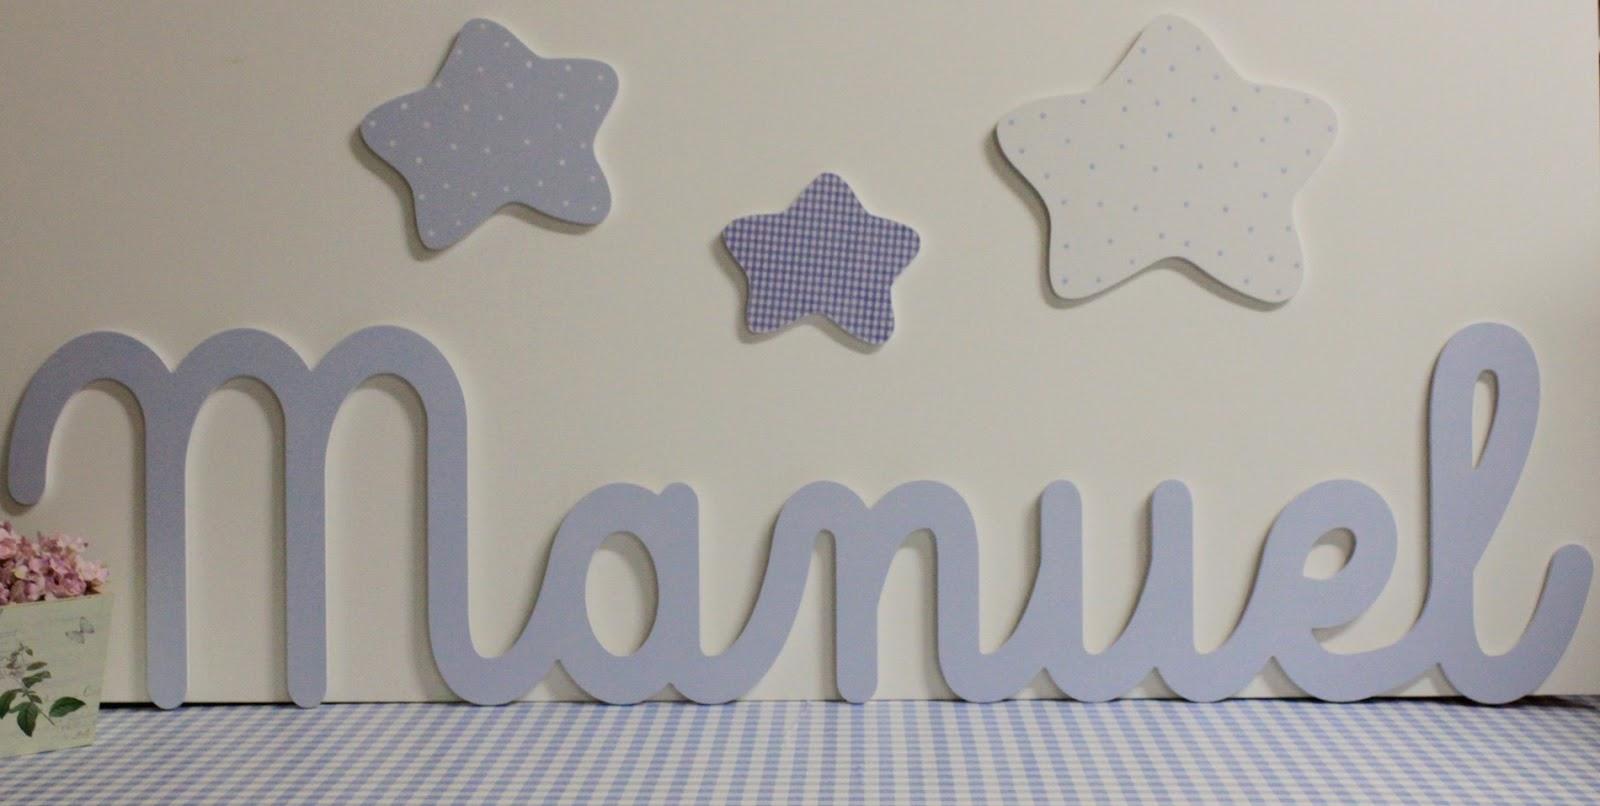 Letras infantiles para decorar decoraci n infantil personalizadadecoracion infantil personalizada - Letras para paredes infantiles ...